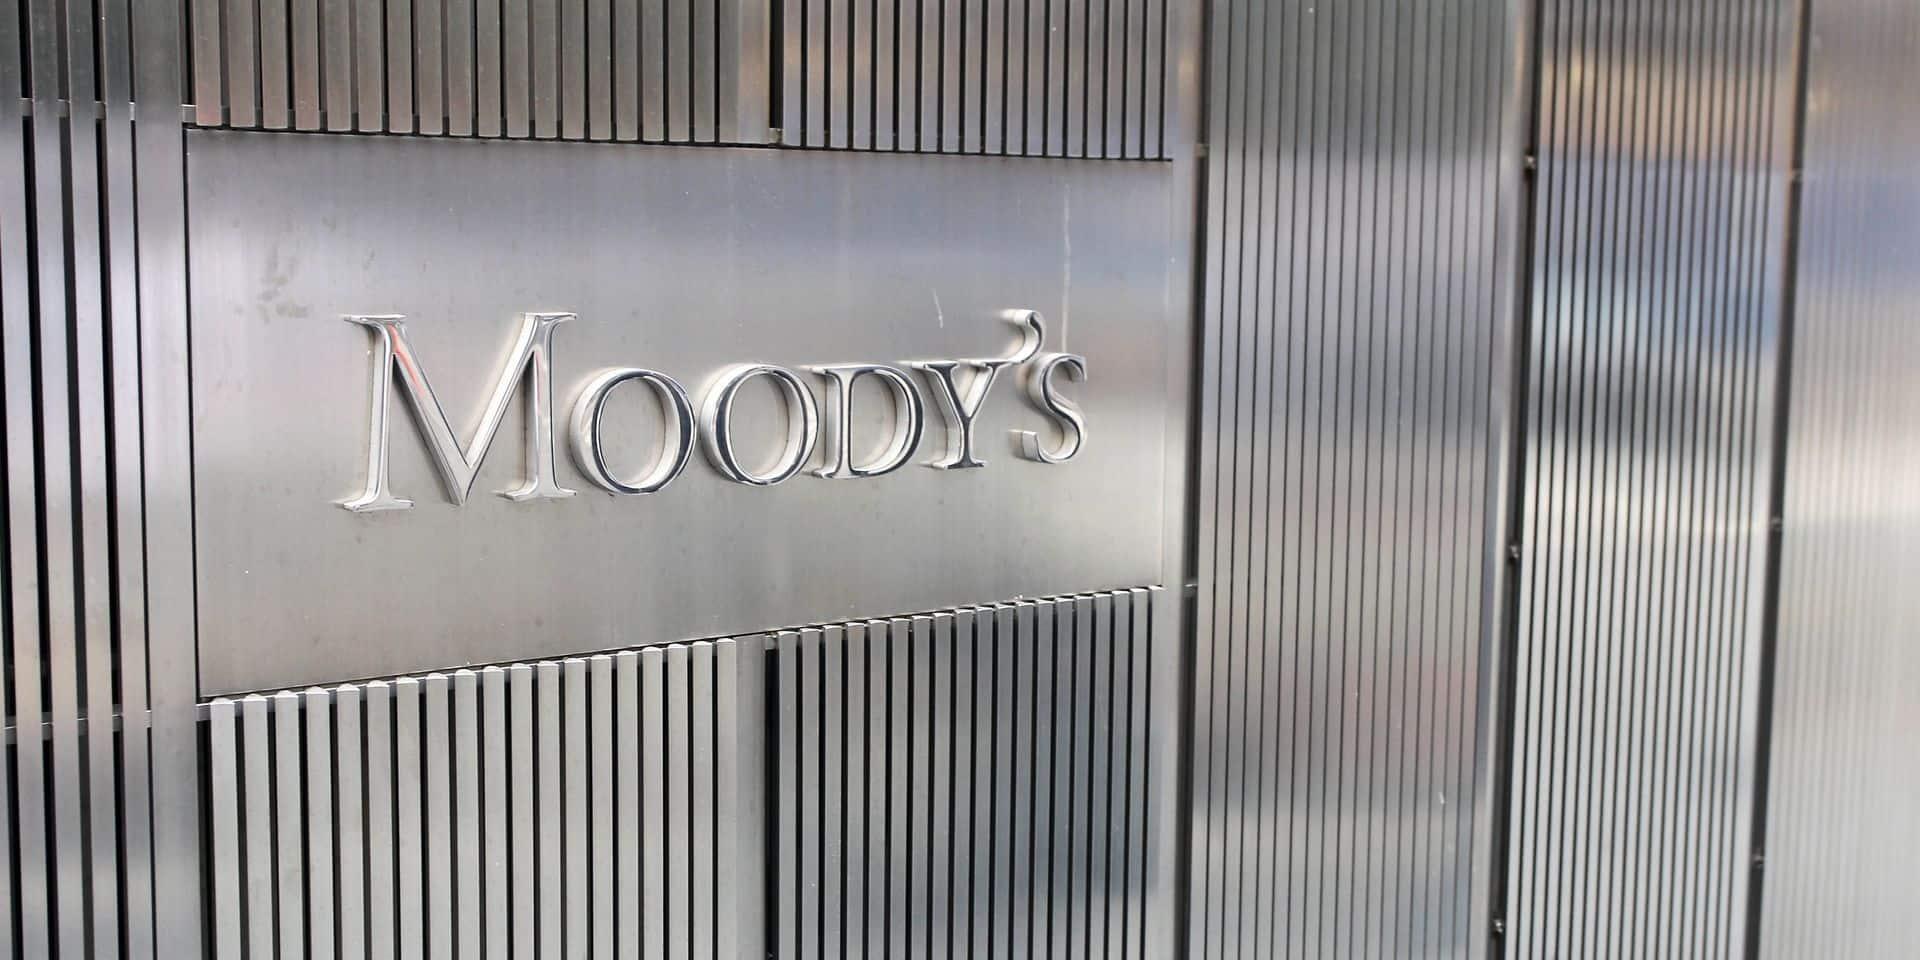 Le système bancaire belge est stable selon l'agence de notation Moody's